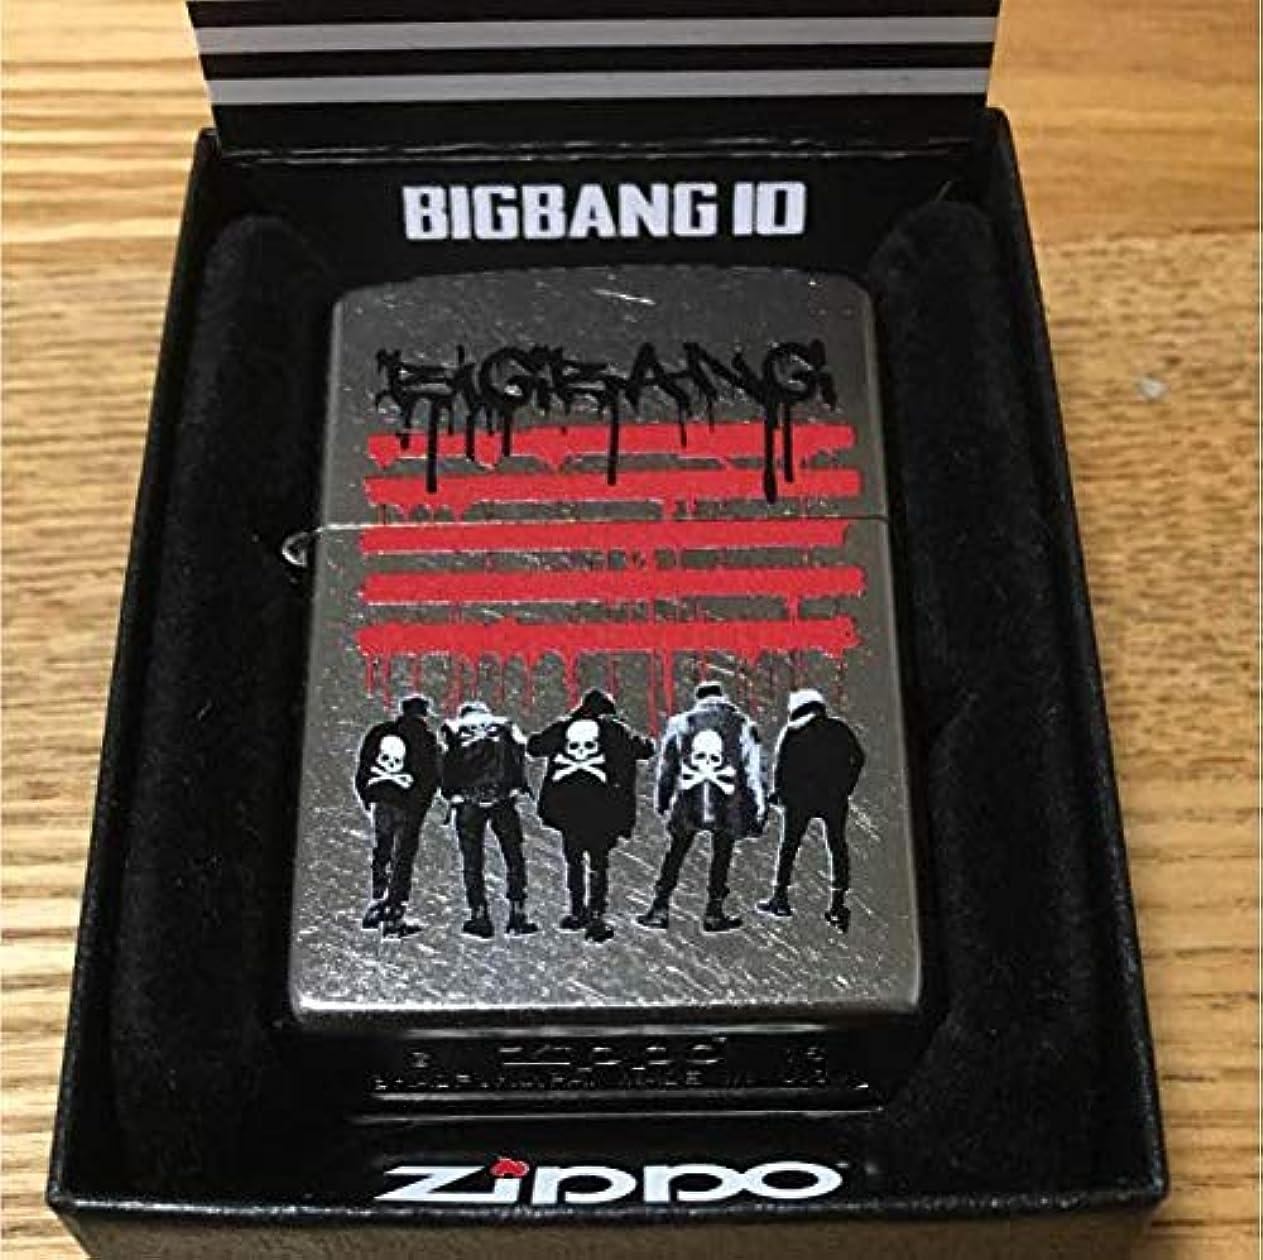 読み書きのできないフラッシュのように素早く羊の服を着た狼Zippo ジッポ 10th BIGBANG ビックバン ~~